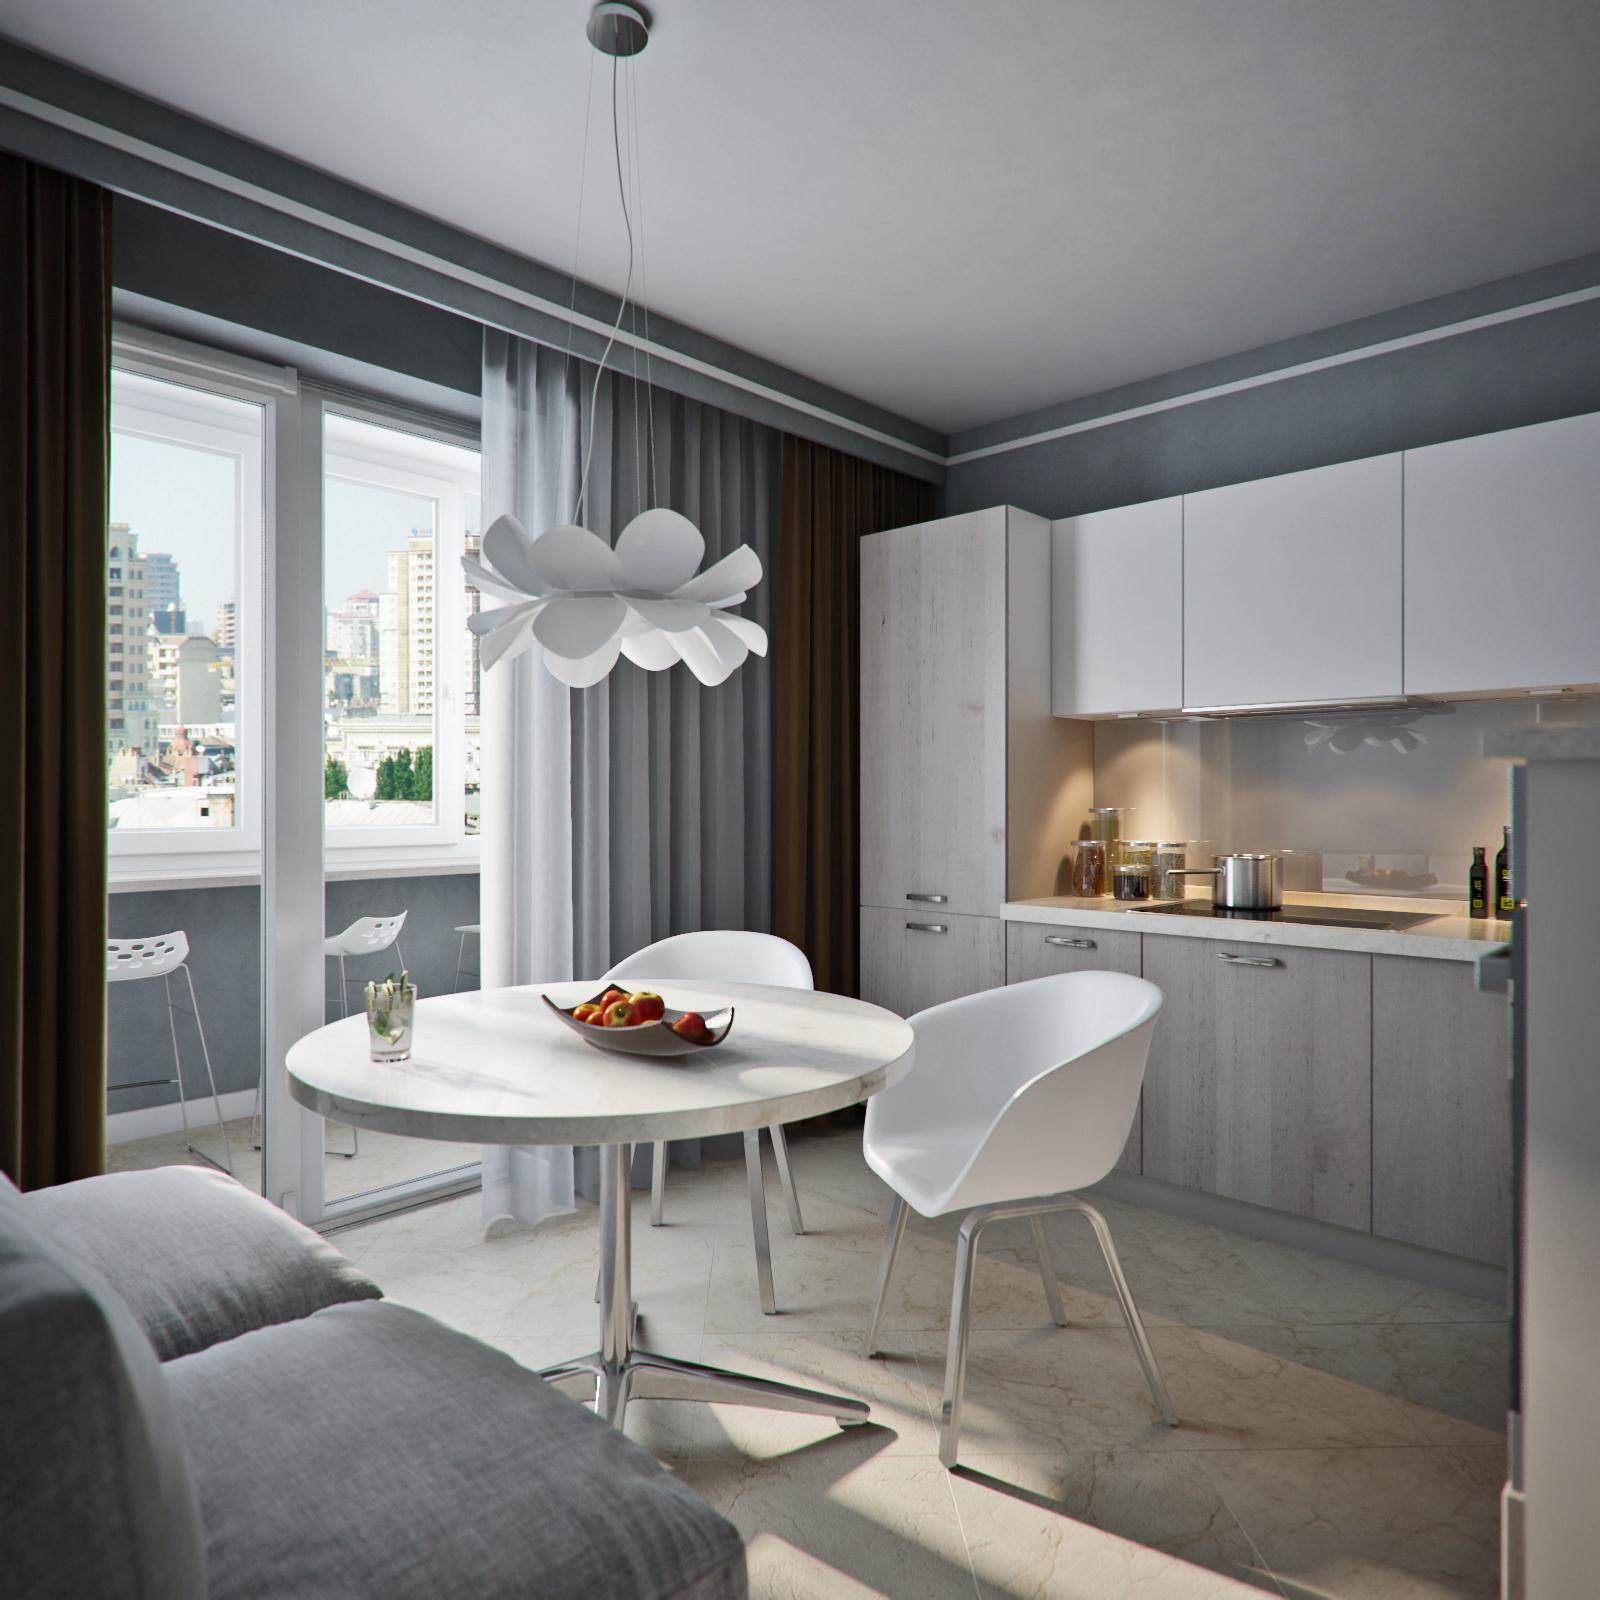 Big Apartments: A Small Apartment With Big Dreams